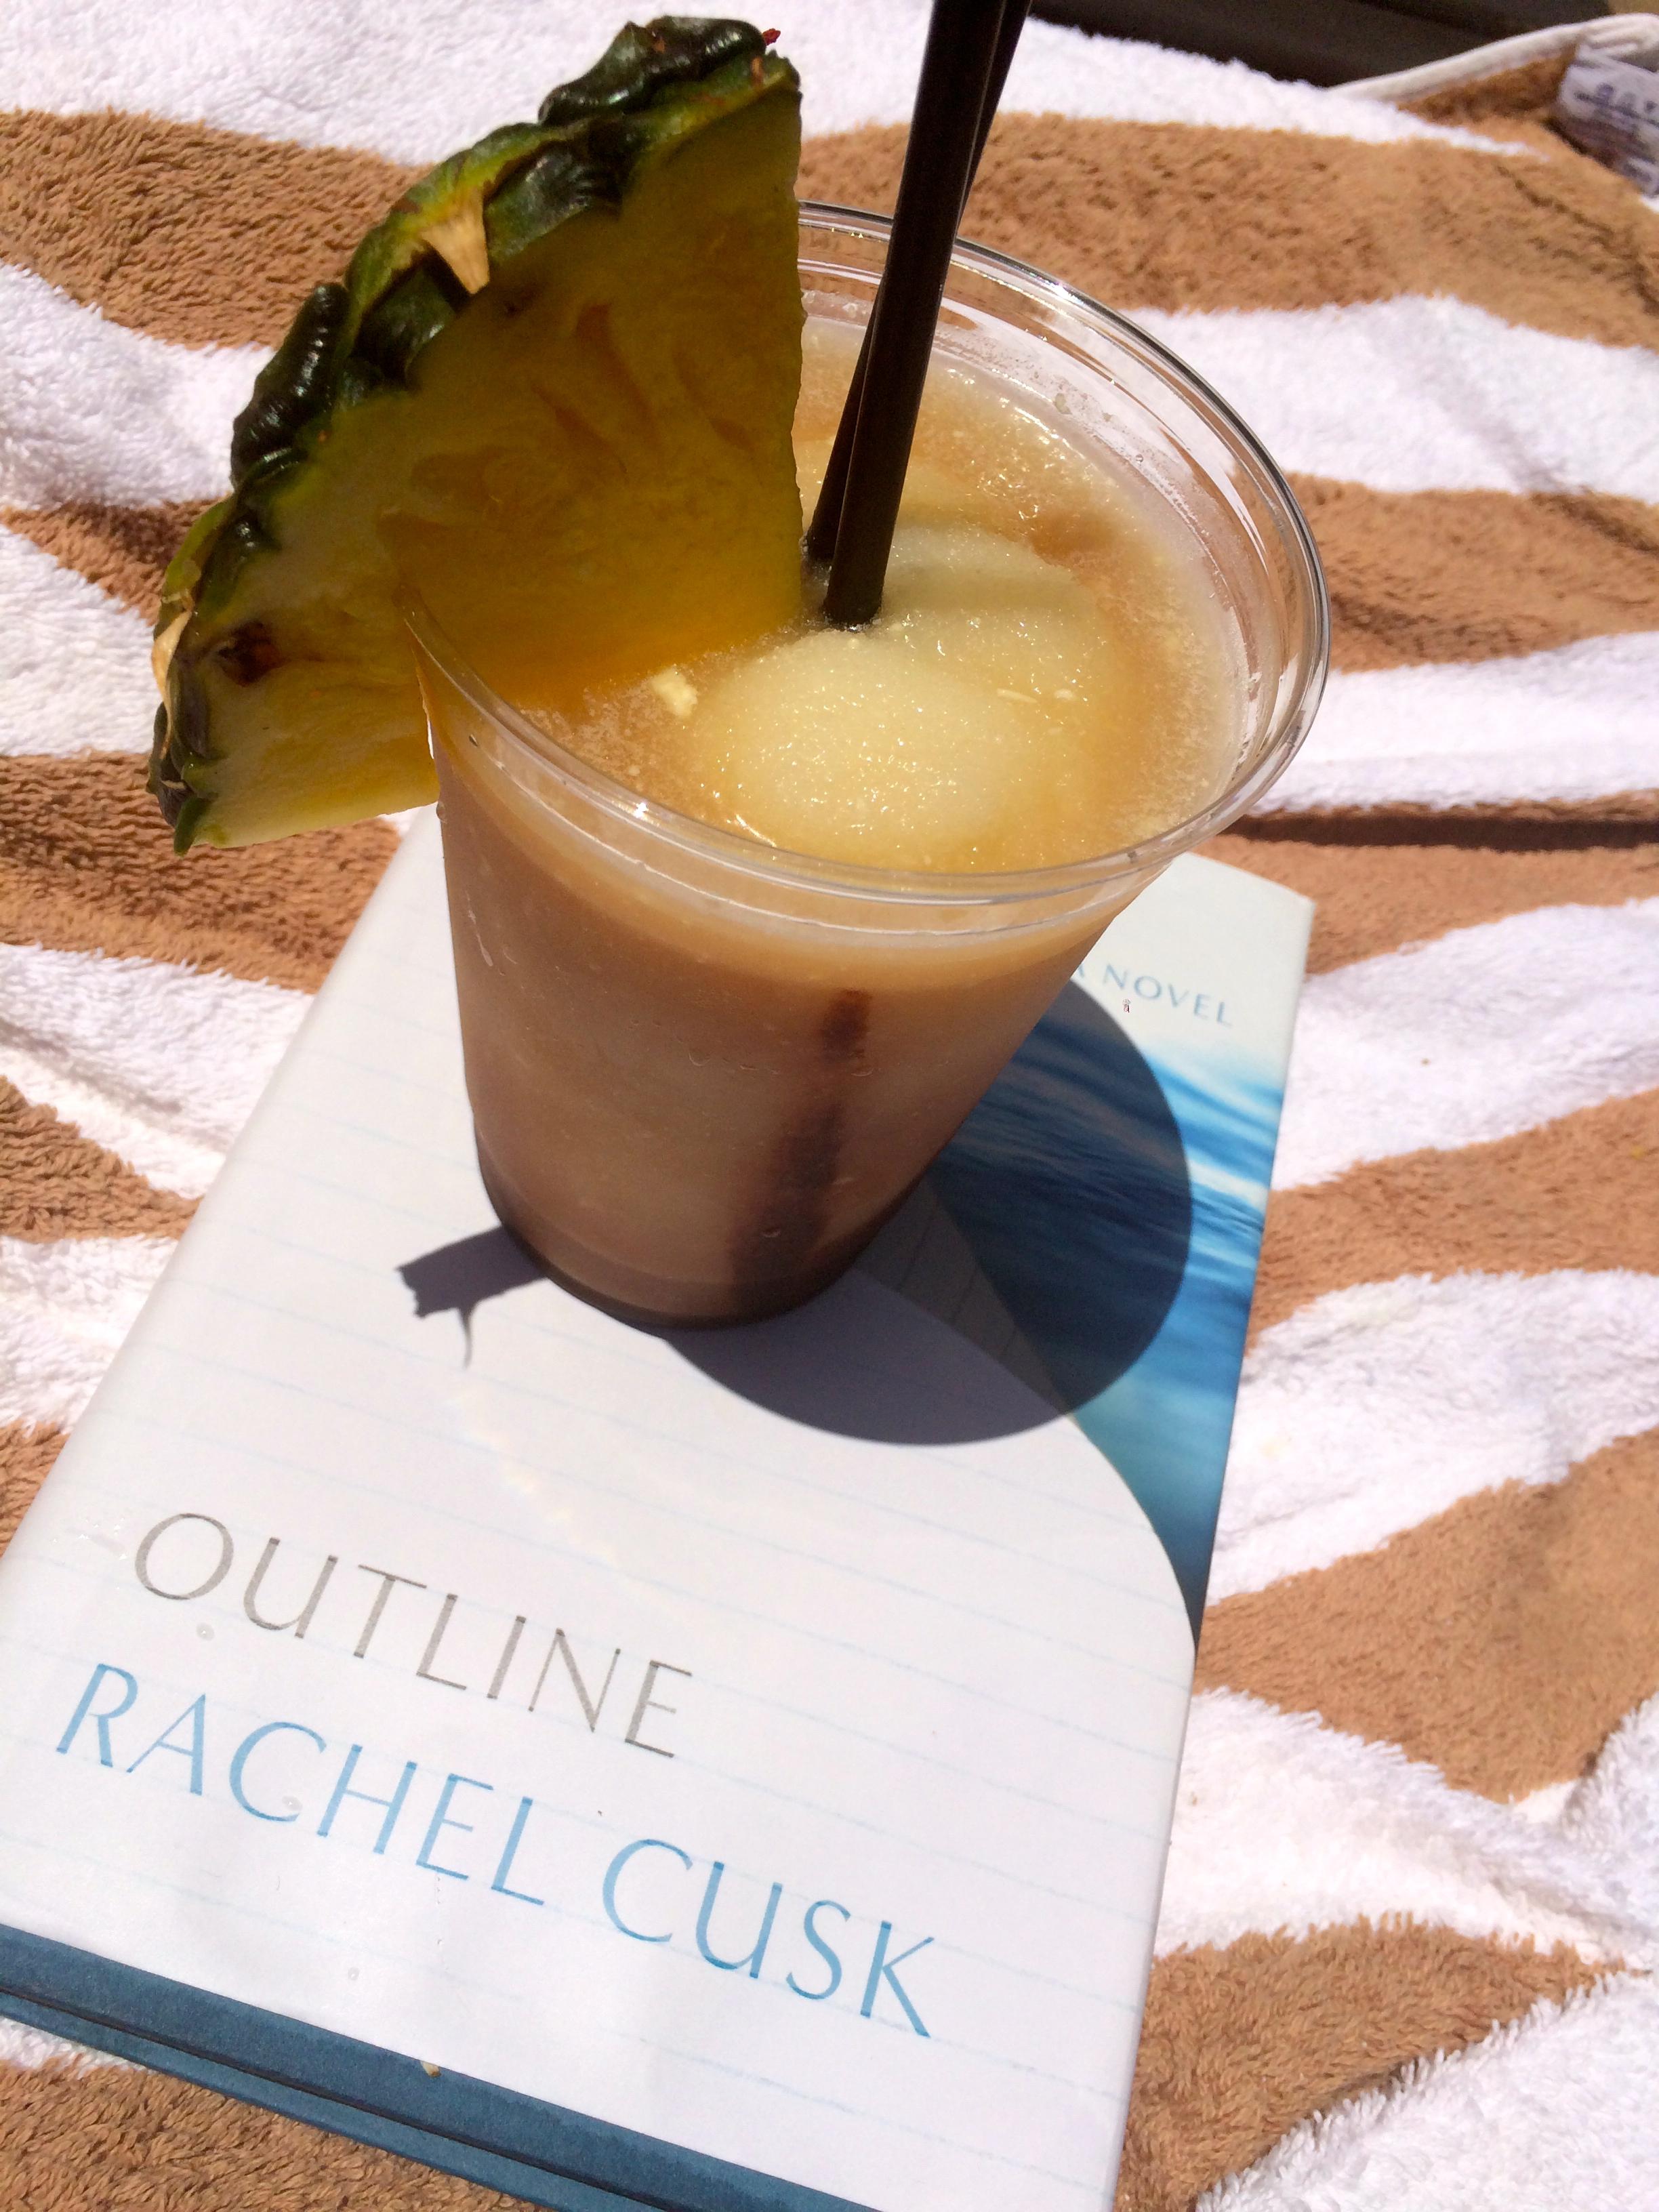 The Outline by Rachel Cusk